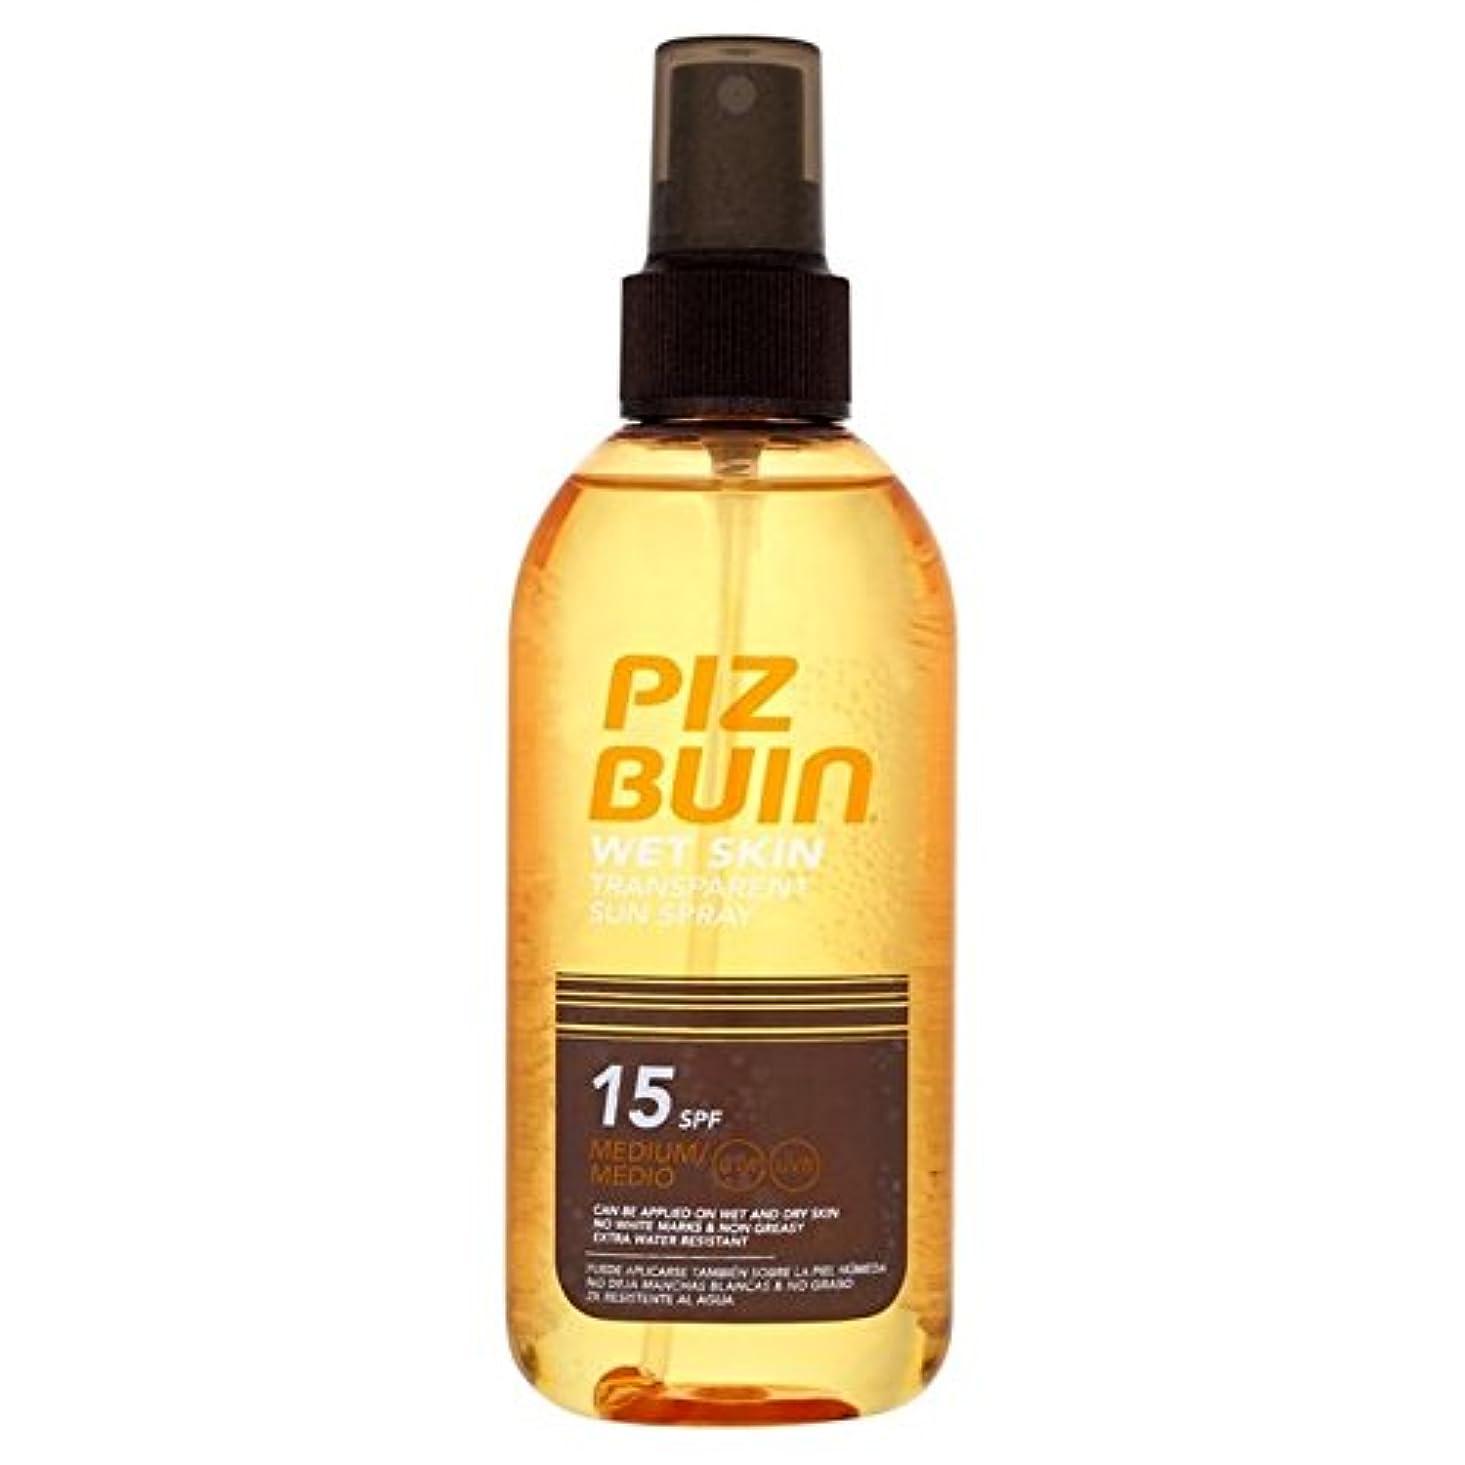 返還調和性的ピッツブーインの湿った透明肌15の150ミリリットル x4 - Piz Buin Wet Transparent Skin SPF15 150ml (Pack of 4) [並行輸入品]